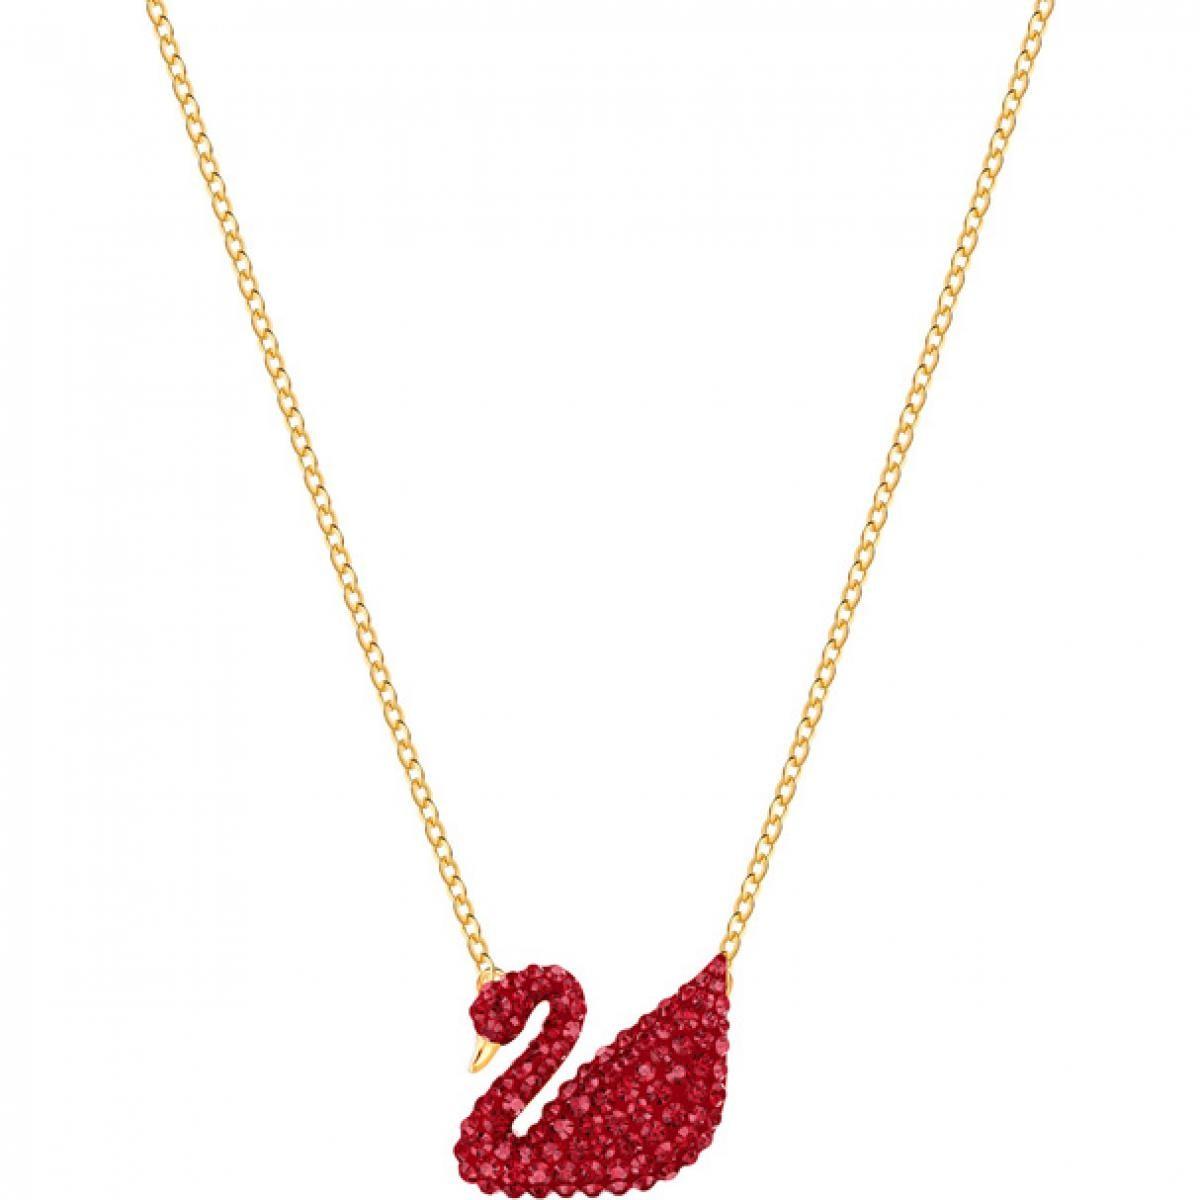 Collier et pendentif Swarovski 5465400 - Iconic swan, rouge, métal doré  Femme